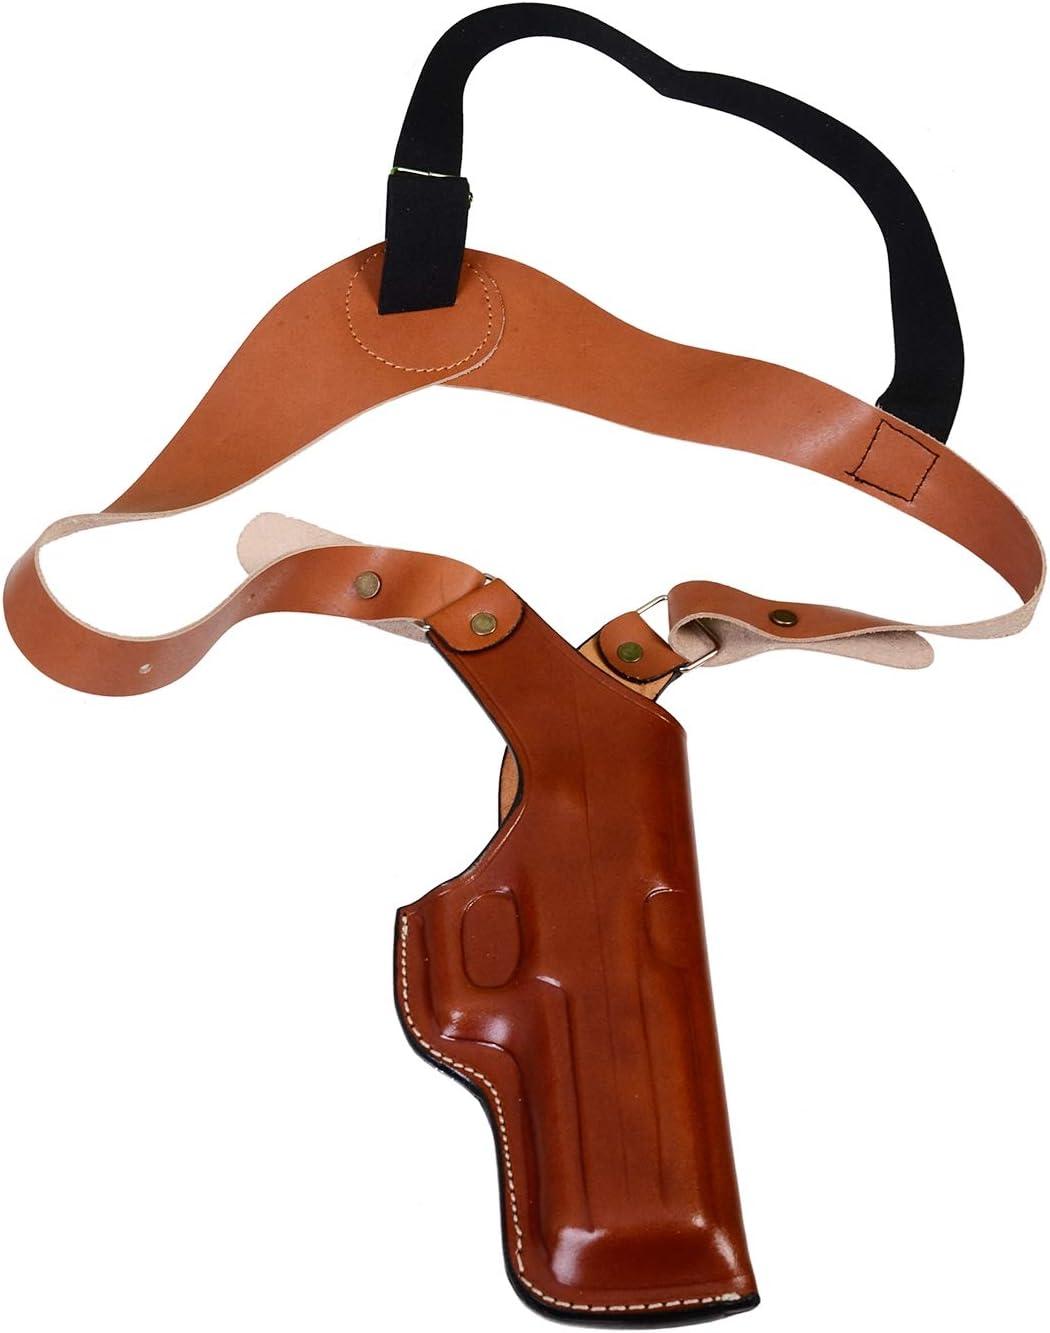 Popular product Vertical Leather Shoulder Holster online shop for Glock 26 - Gen 27 42 30 43